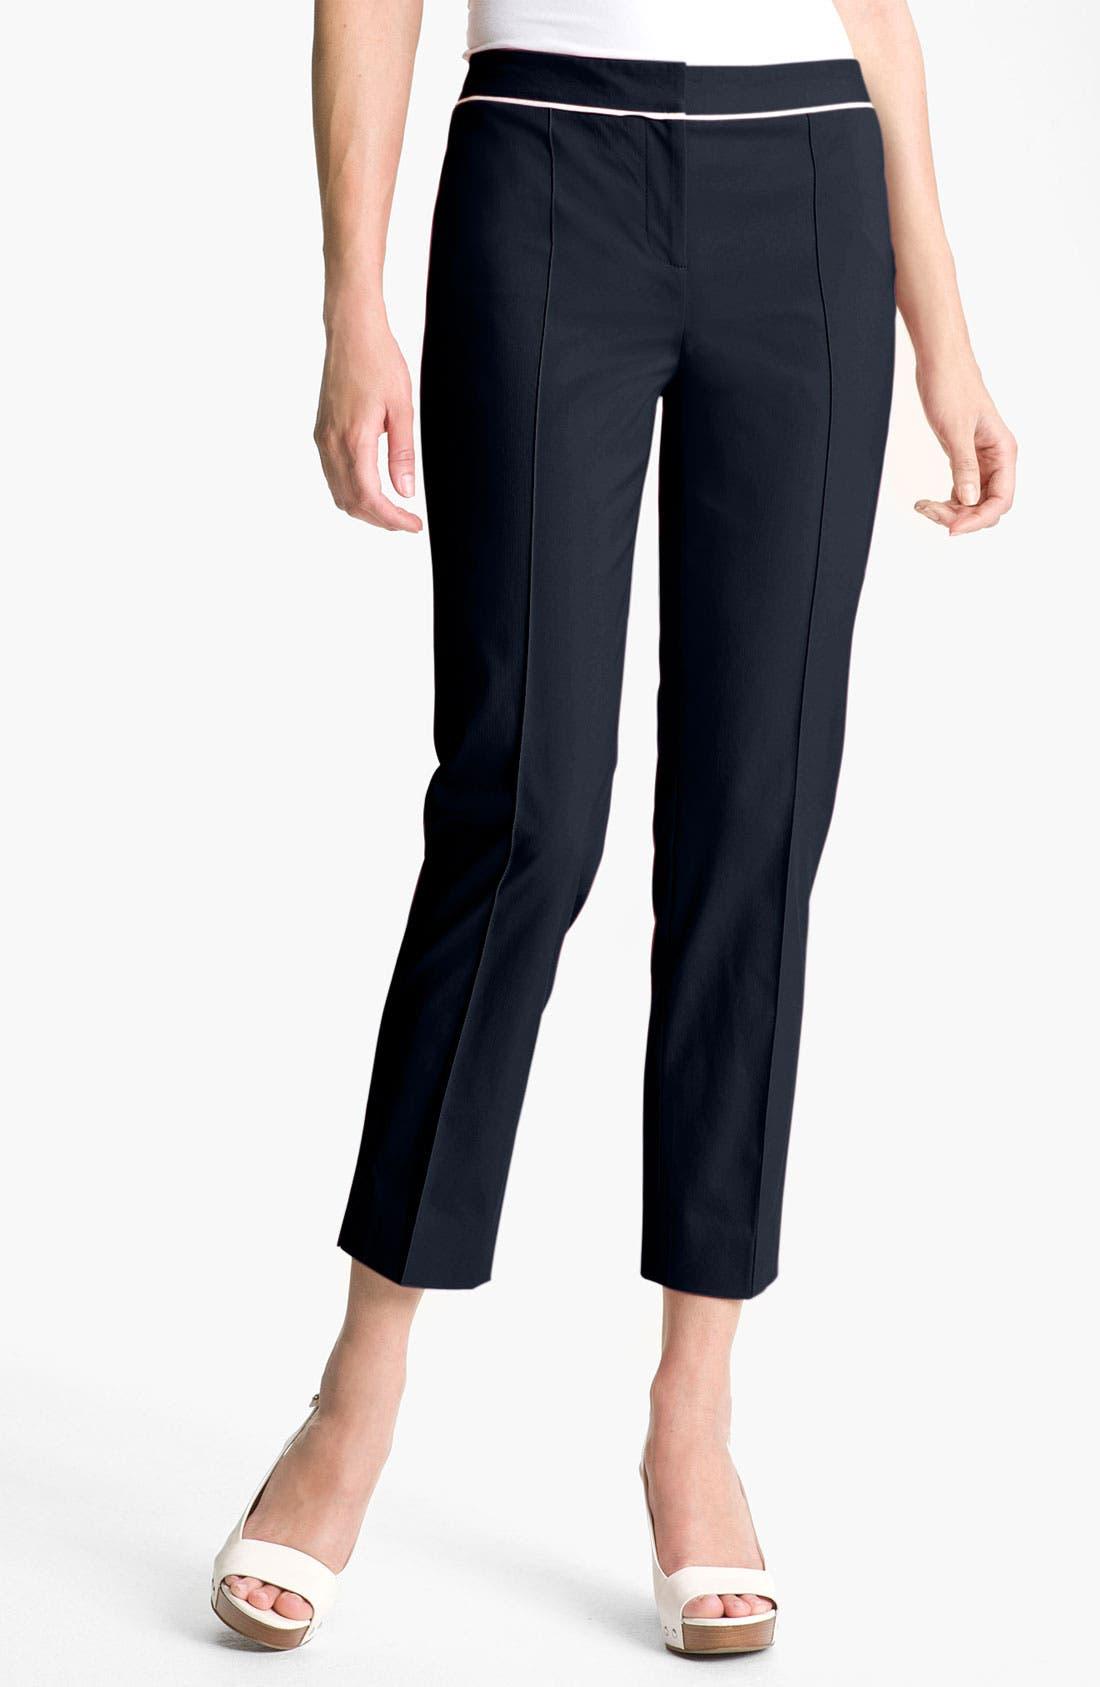 Alternate Image 1 Selected - Classiques Entier® 'Carta Weave' Slim Ankle Pants